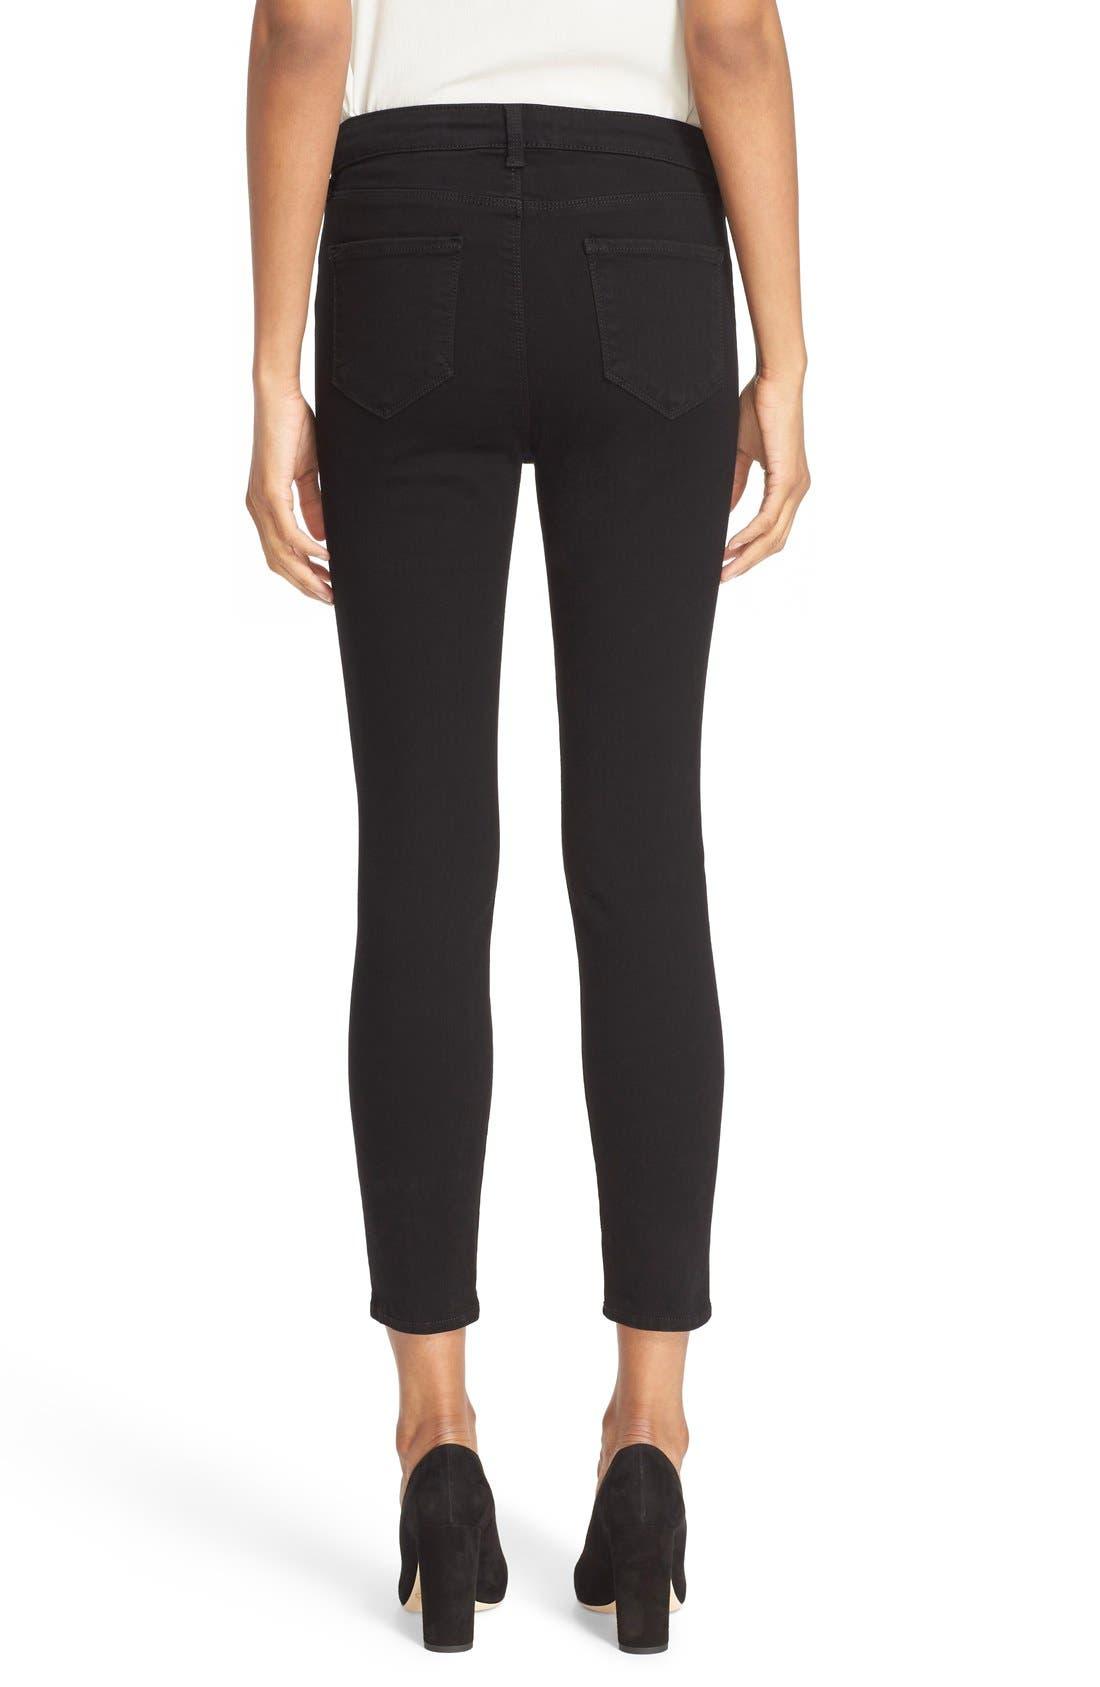 Margot High Waist Crop Jeans,                             Alternate thumbnail 2, color,                             Noir